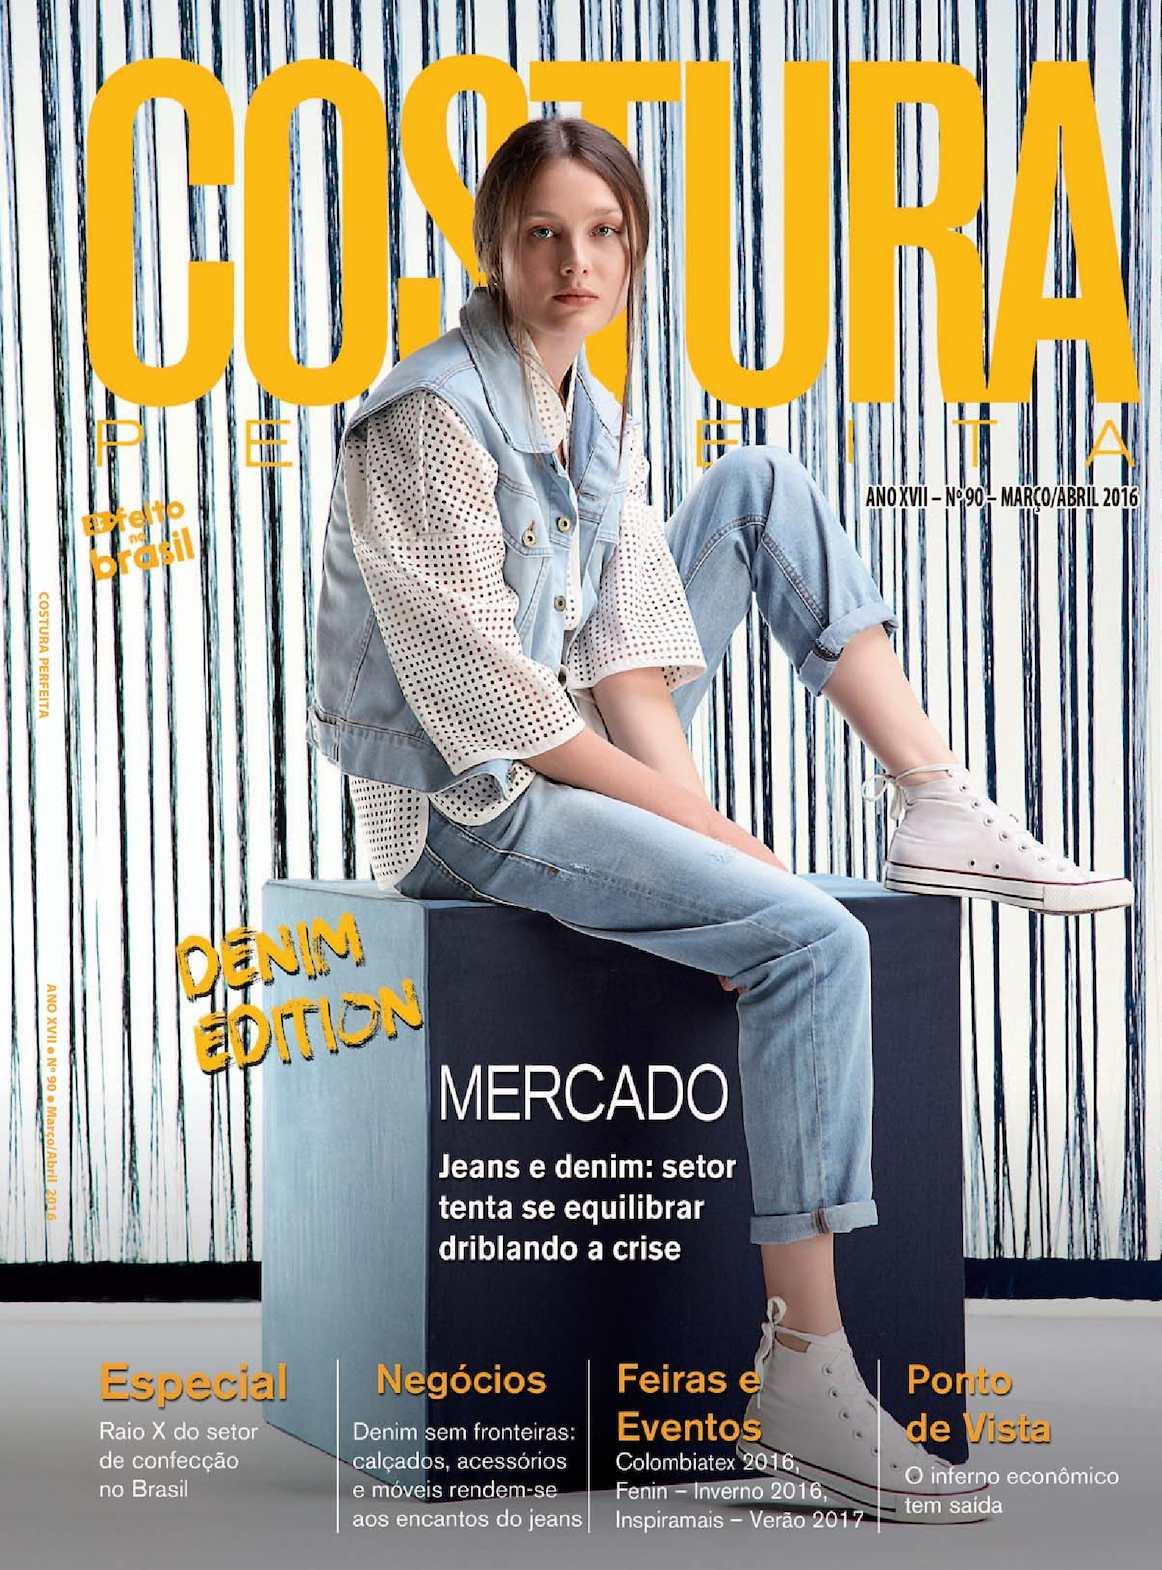 f0d56ebd49099 Calaméo - Revista Costura Perfeita Edição Ano XVII - N90 - Março-Abril 2016